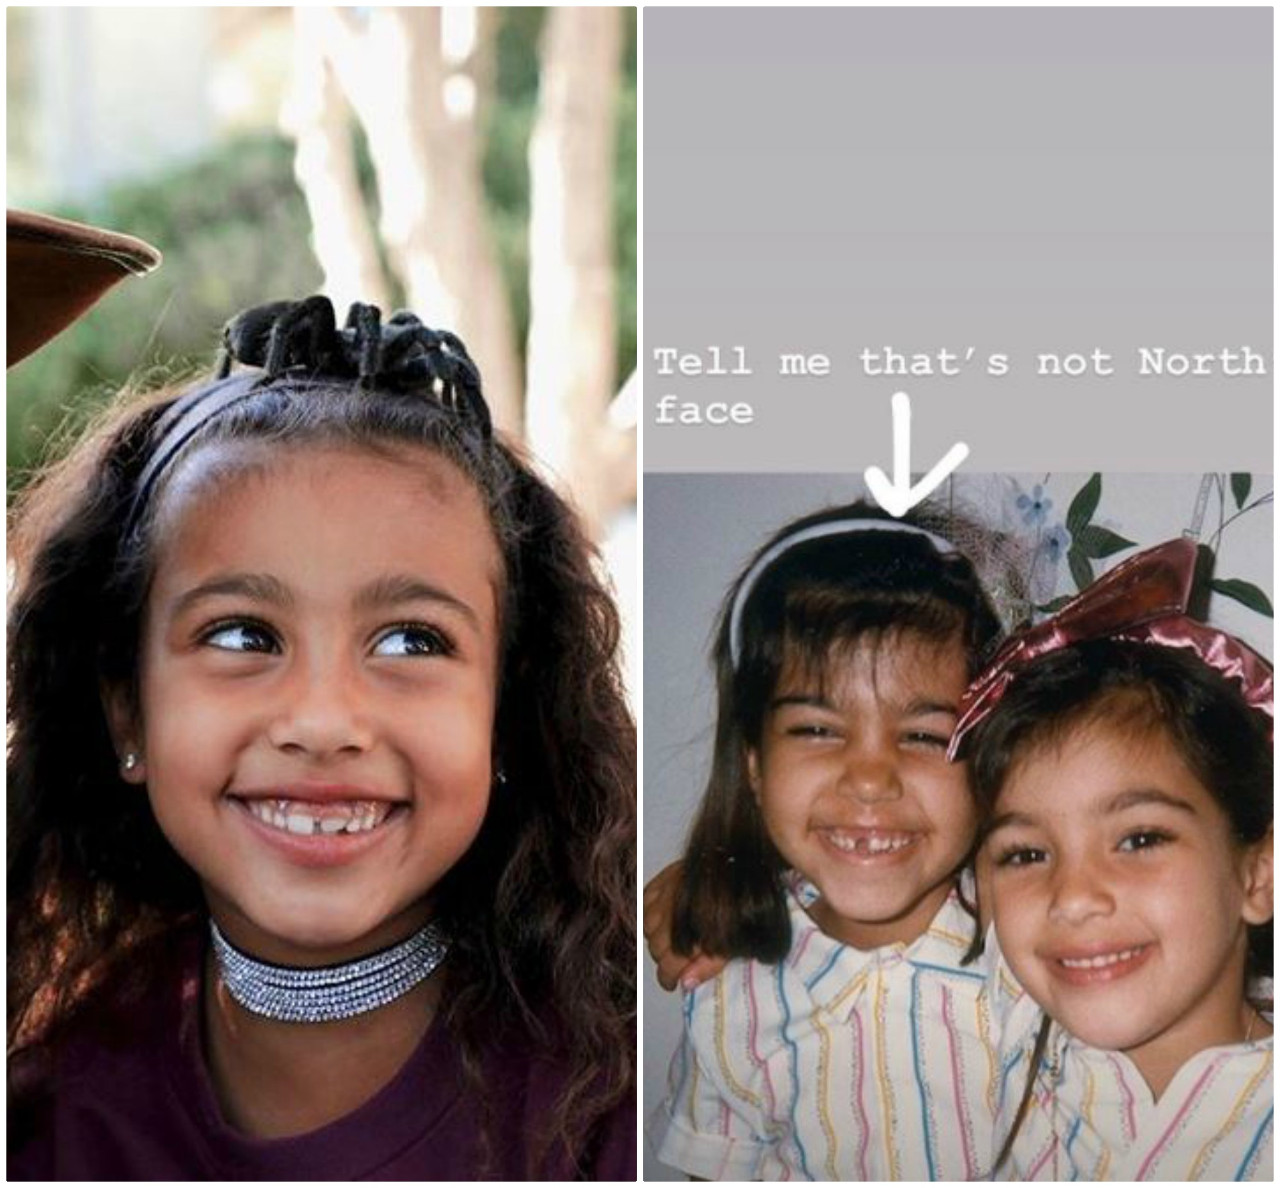 Córka Kim, North wygląda jak Kourtney Kardashian.